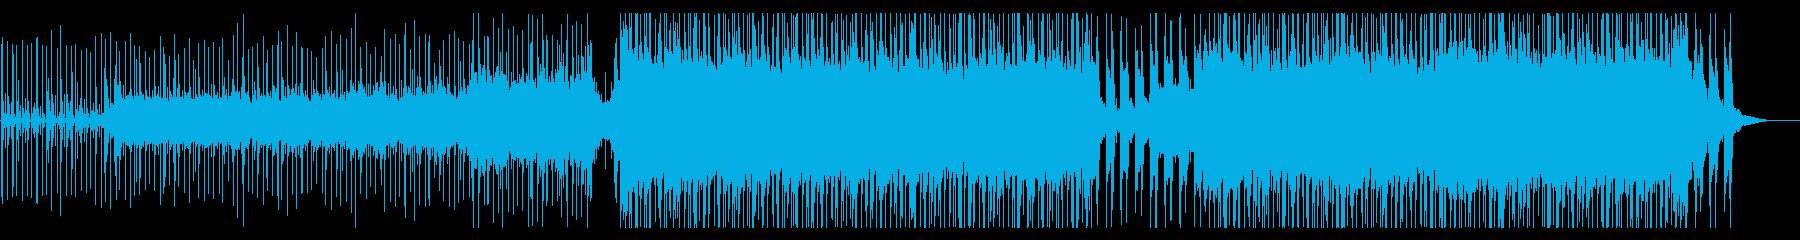 情熱的・民族風ロック オープニングの再生済みの波形